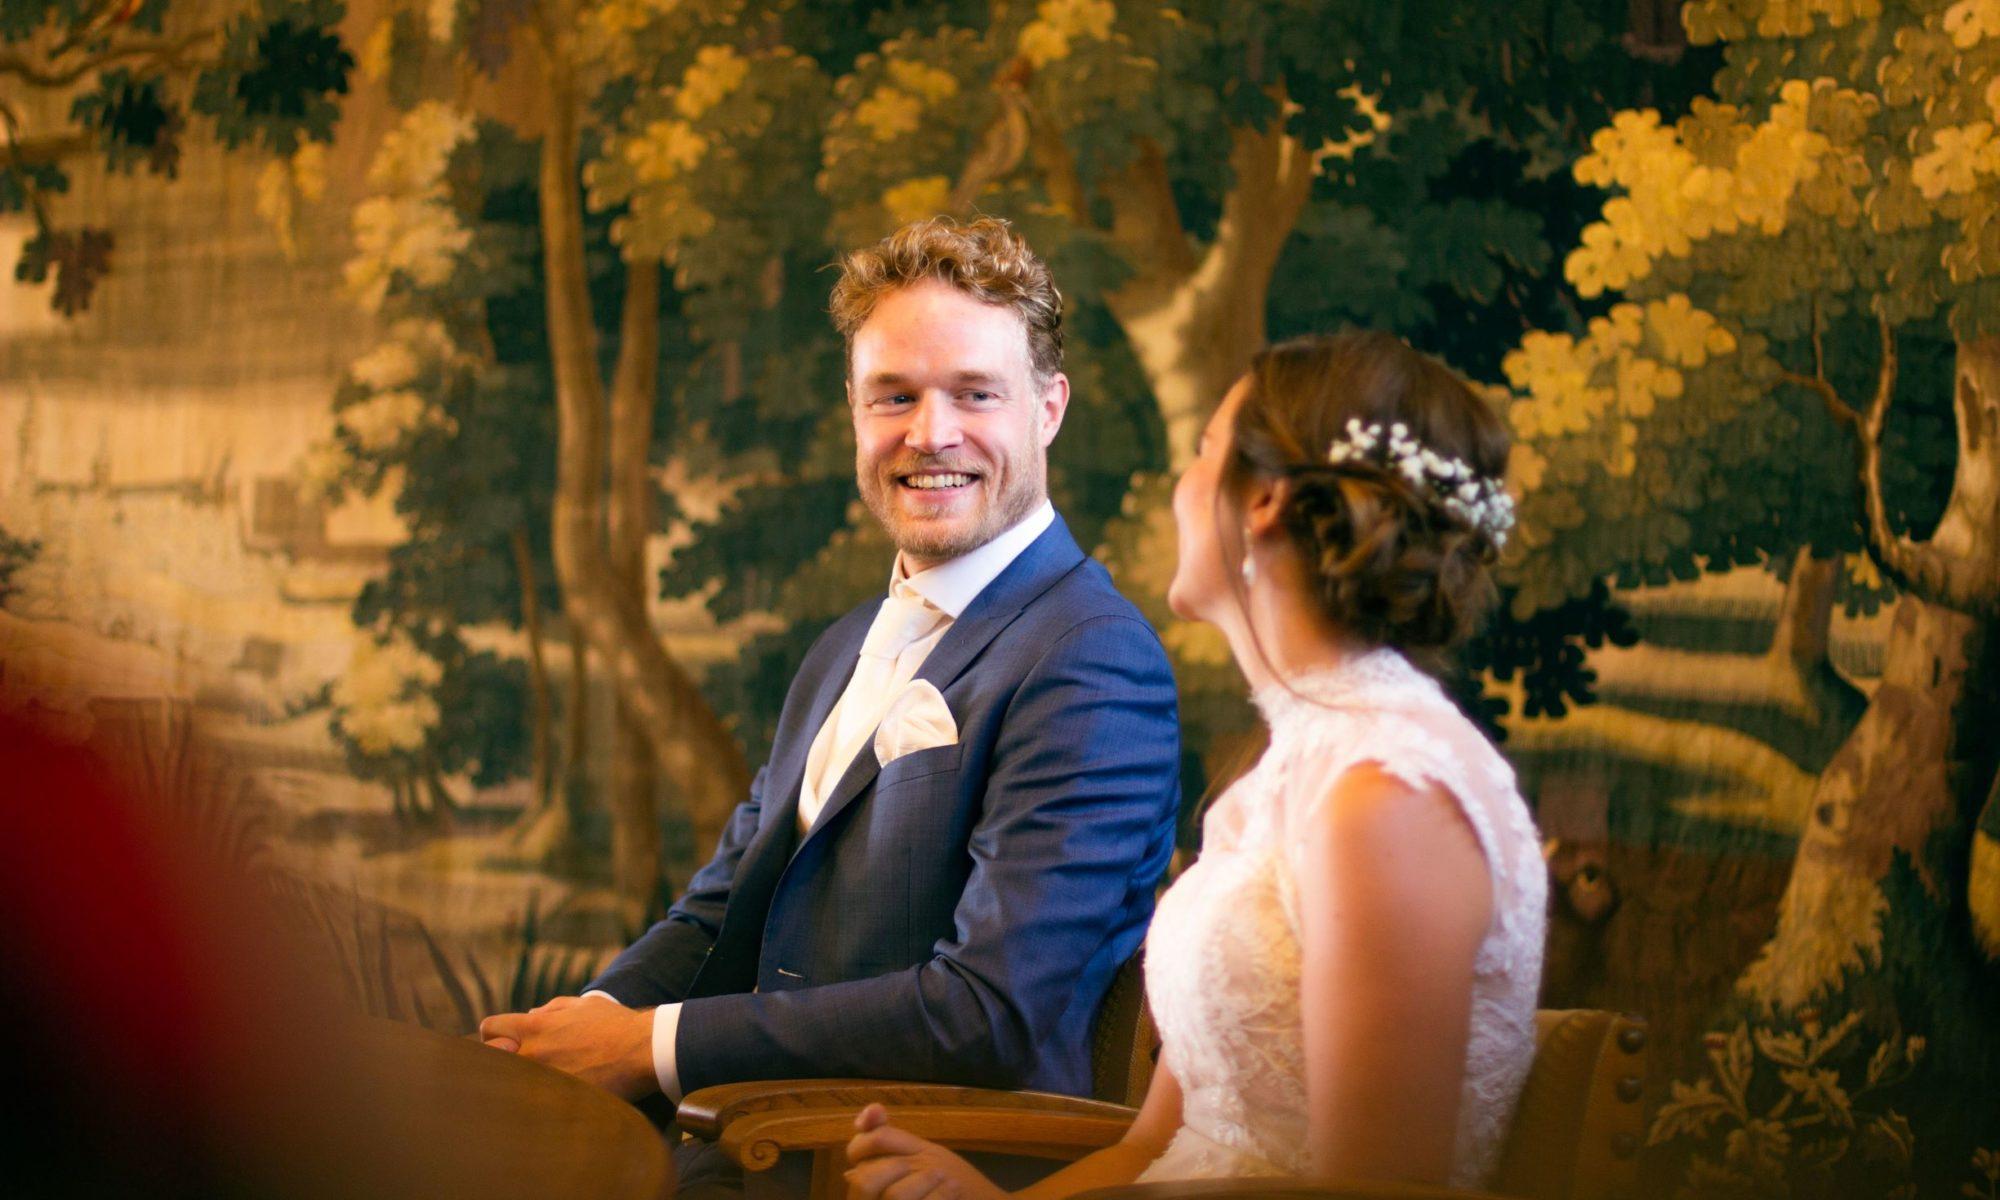 melding voorgenomen huwelijk